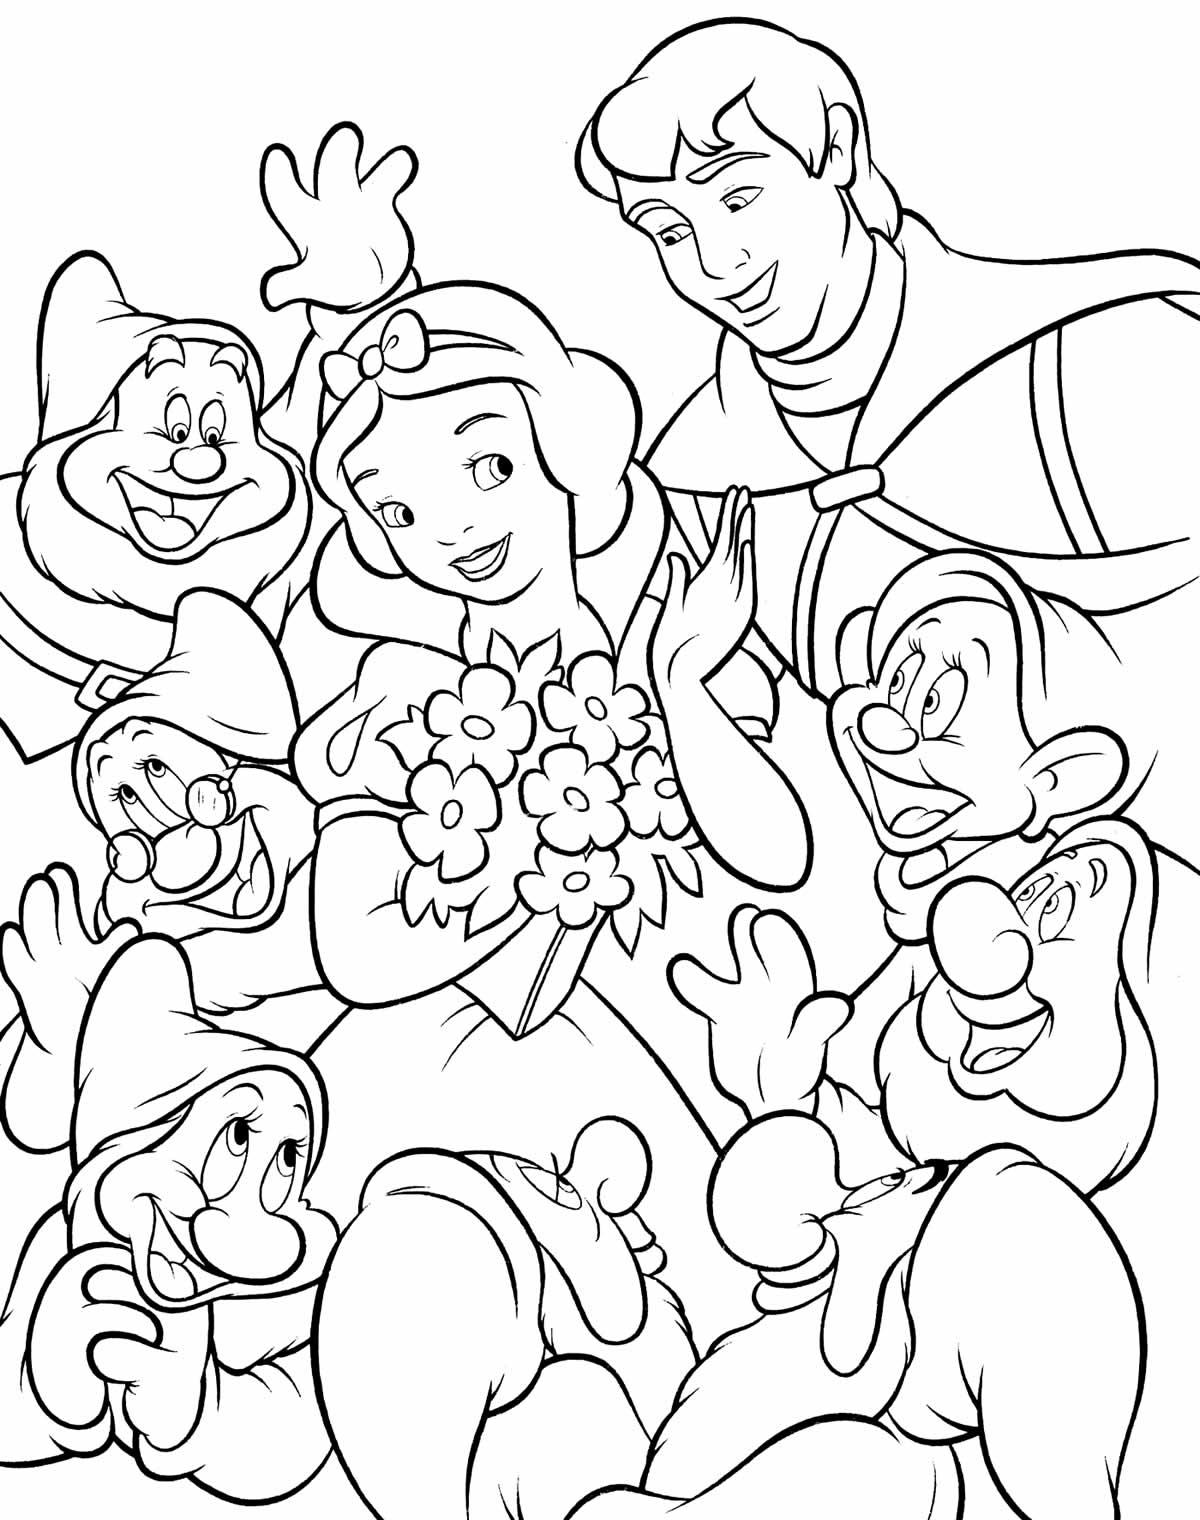 Desenho da Branca de Neve e os Sete Anões para colorir